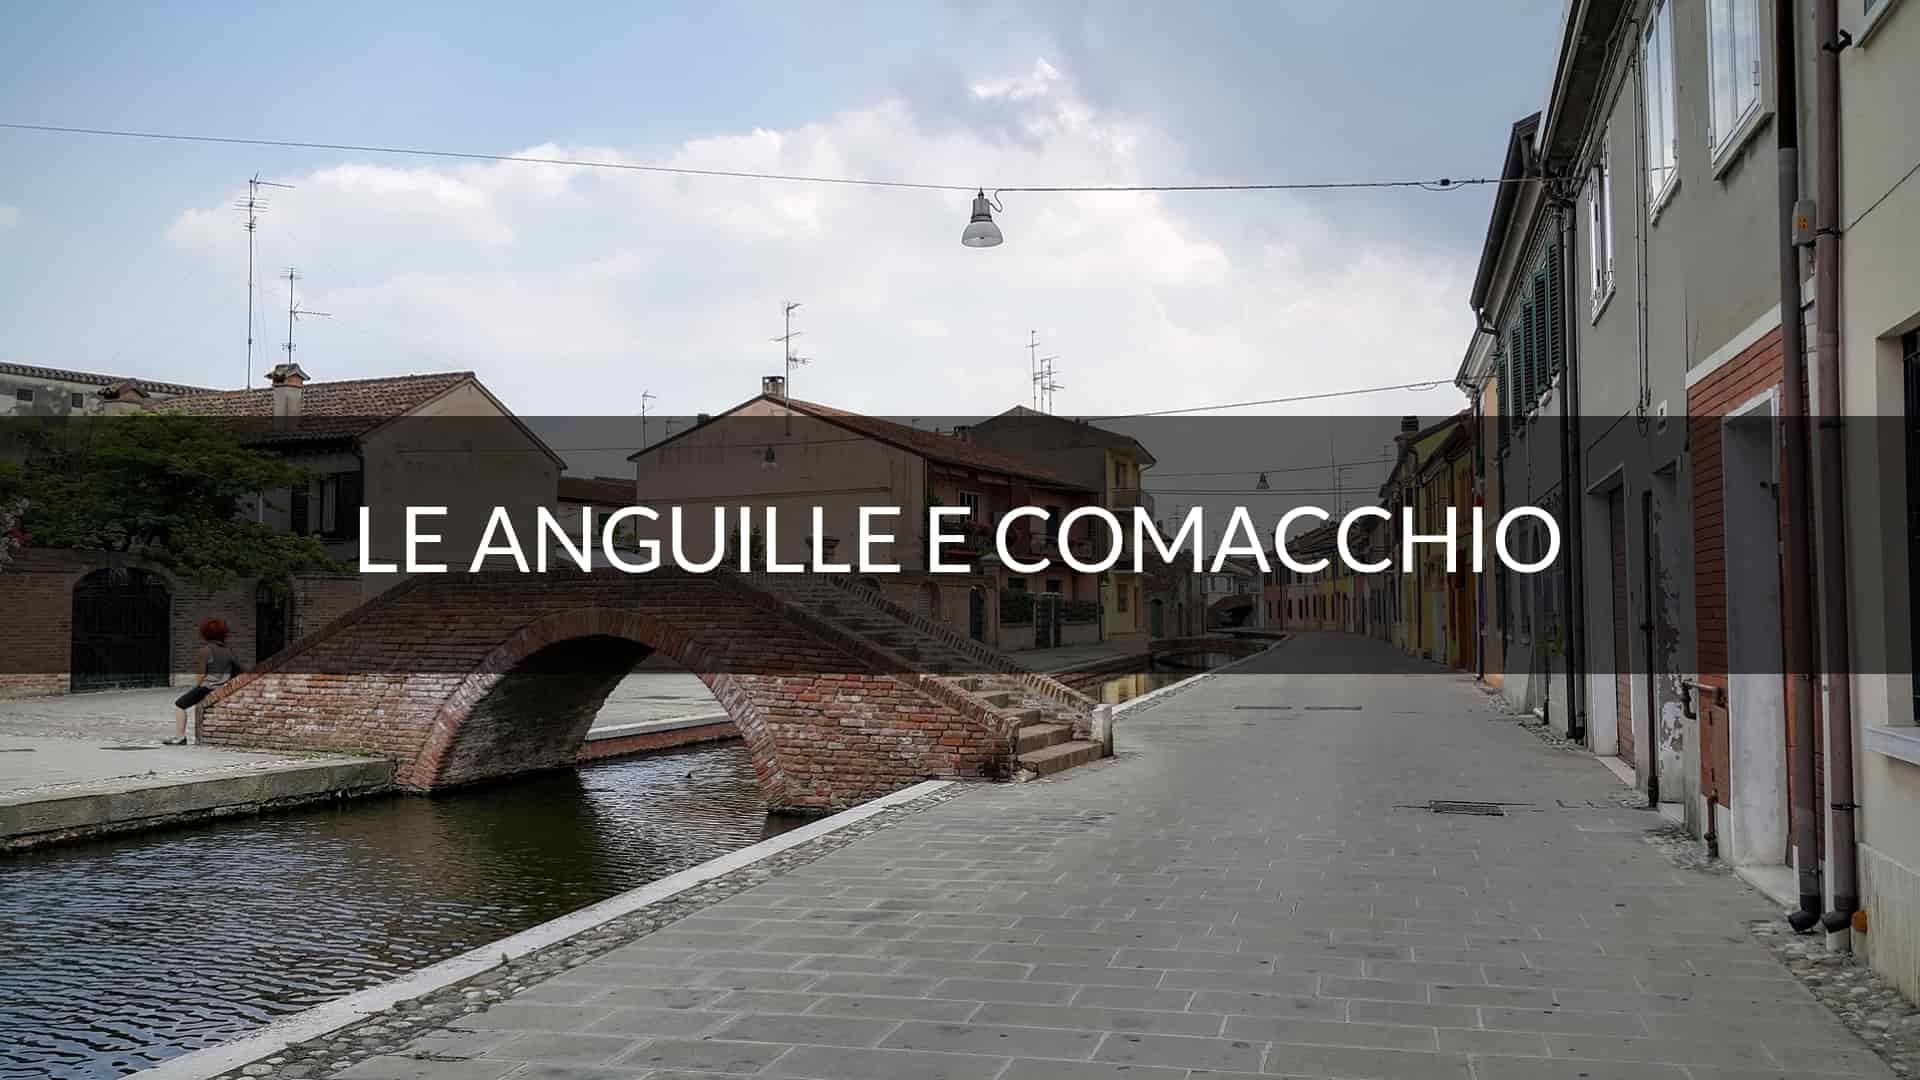 storia delle anguille marinate e delle valli di Comacchio